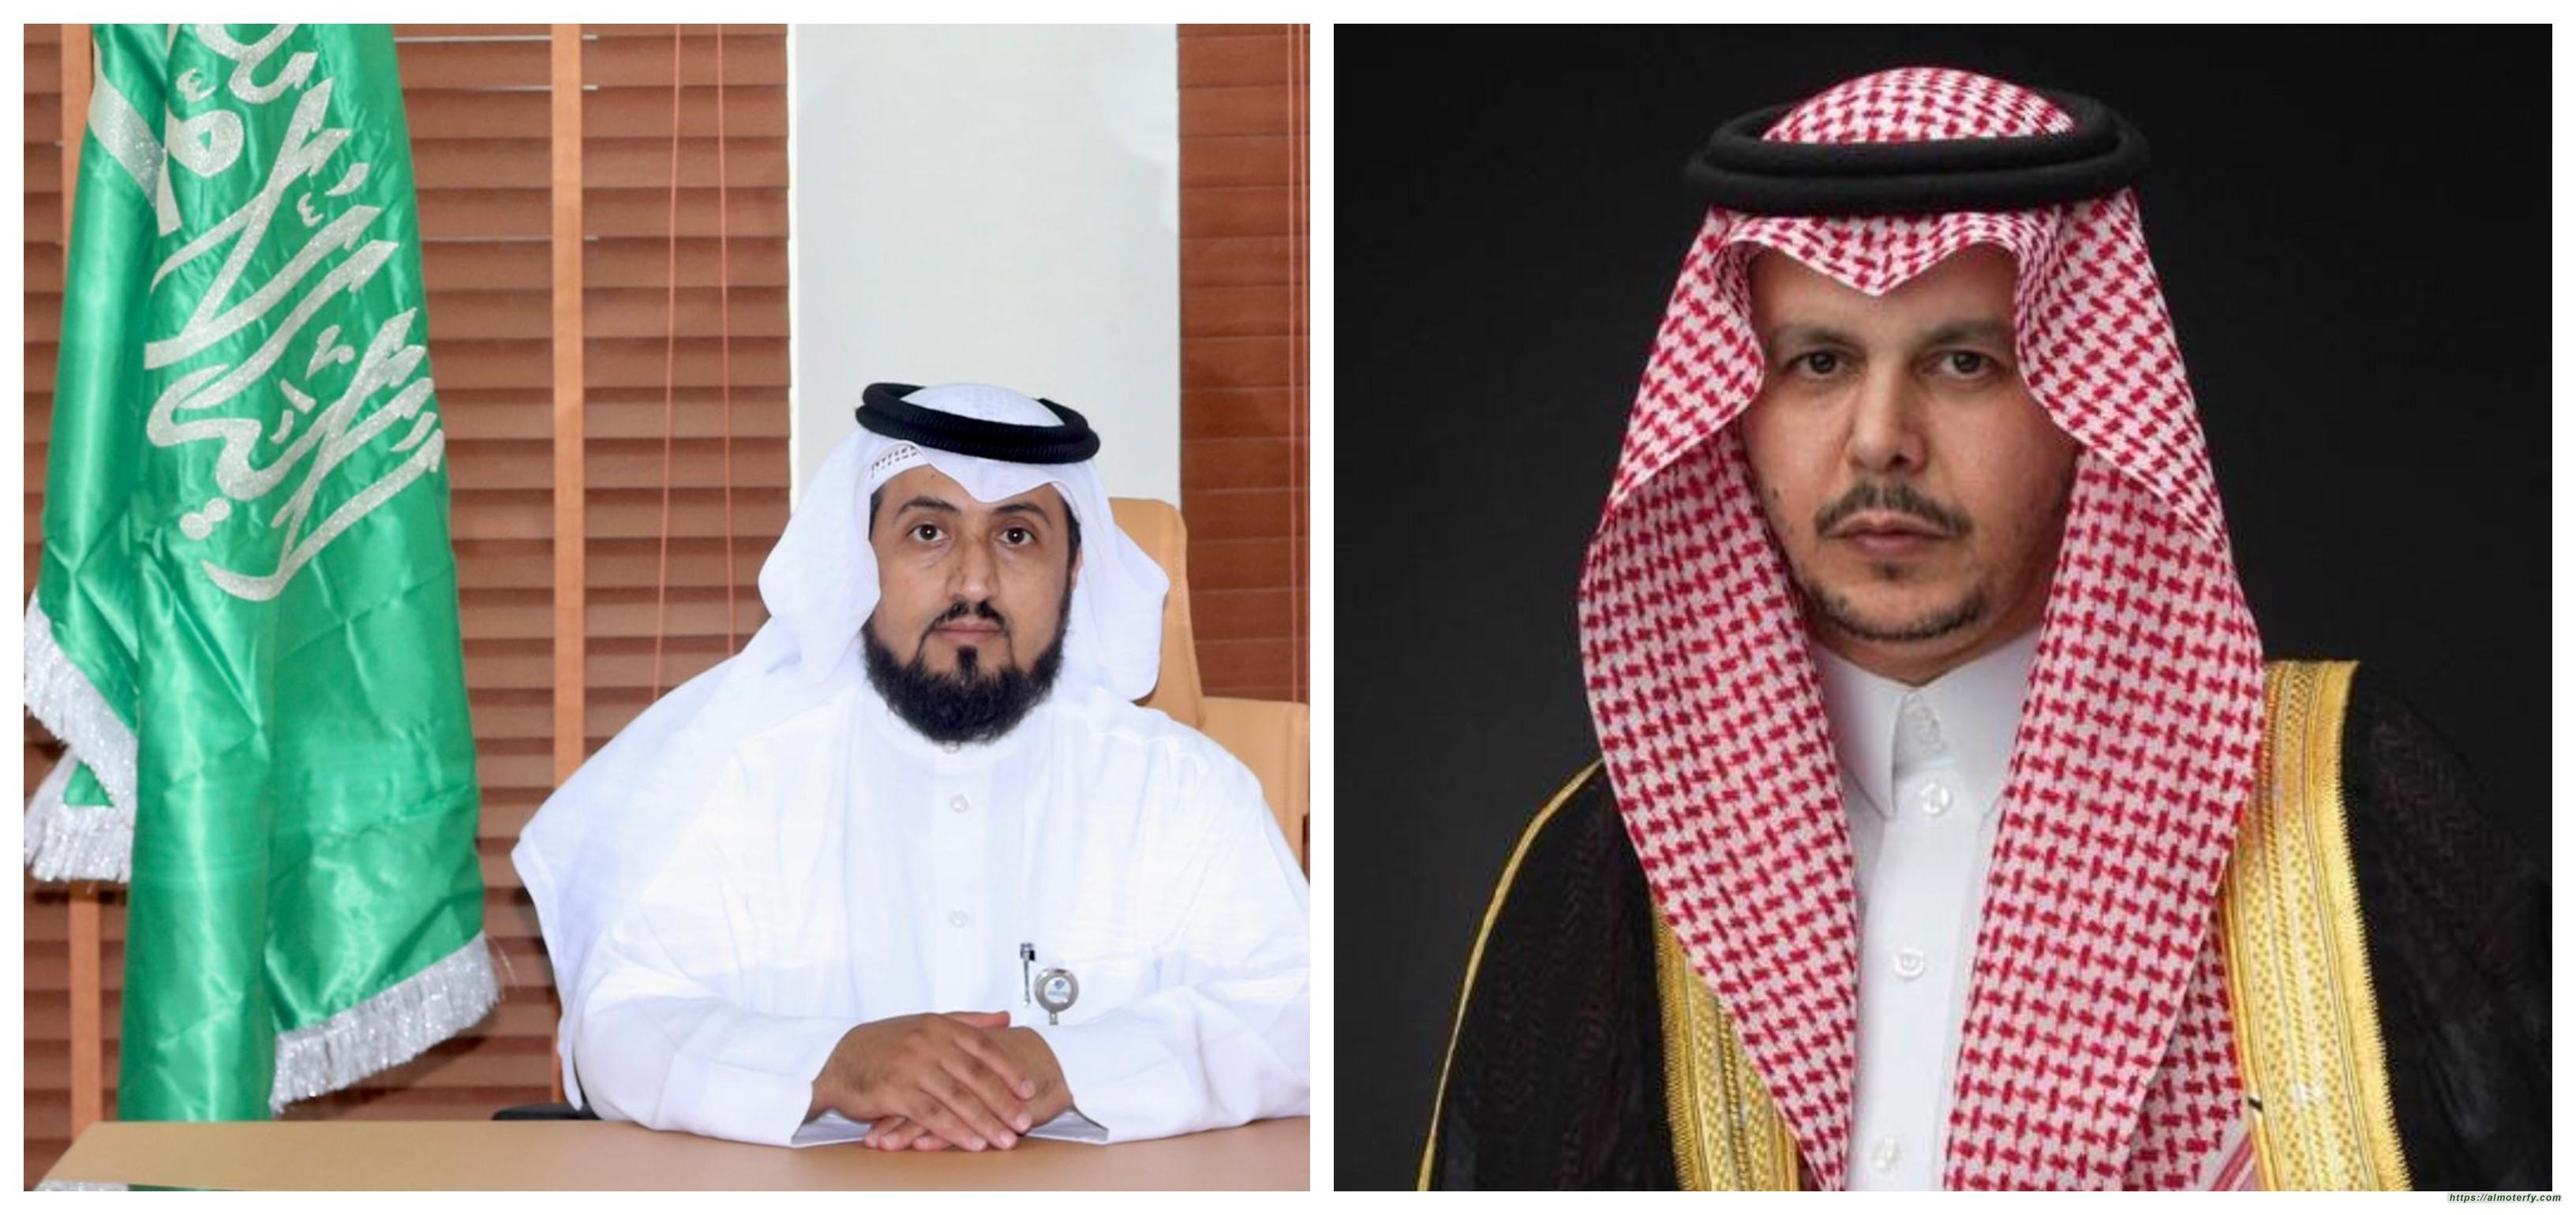 """وزير التعليم """"آل الشيخ"""" يعتمد تمديد تكليف """"العيسى"""" مديرًا للتعليم بمحافظة الأحساء"""